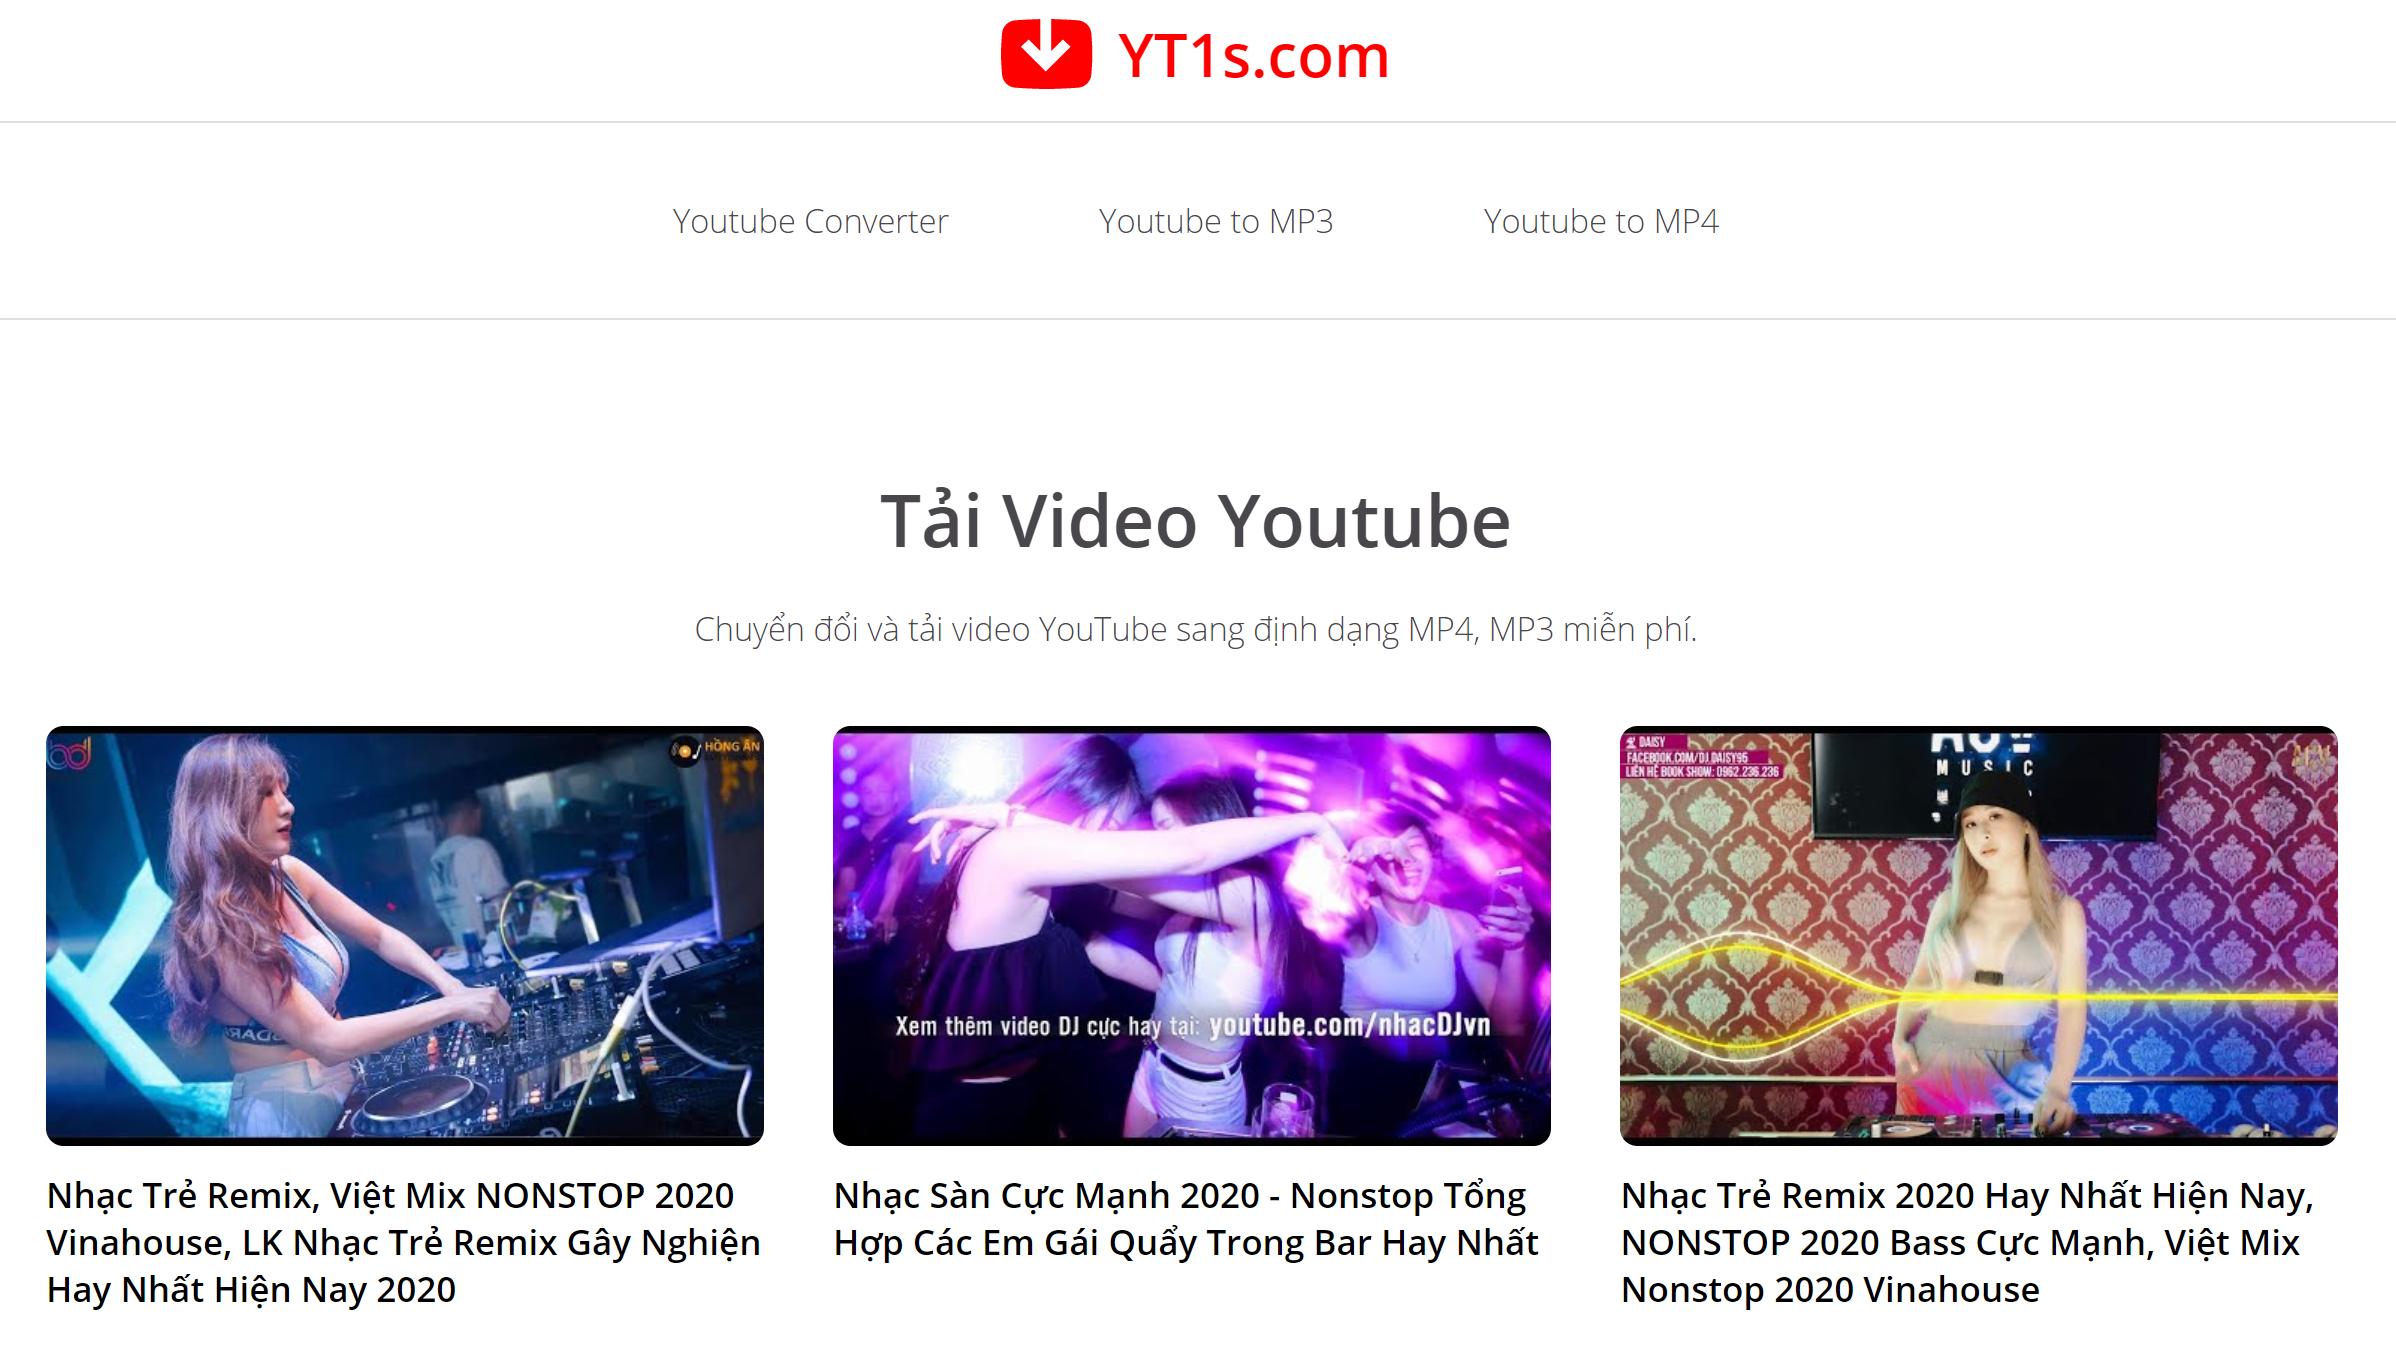 Bạn cũng có thể nhập từ khóa vào hộp tìm kiếm rồi ấn Enter để tìm video cần tải về